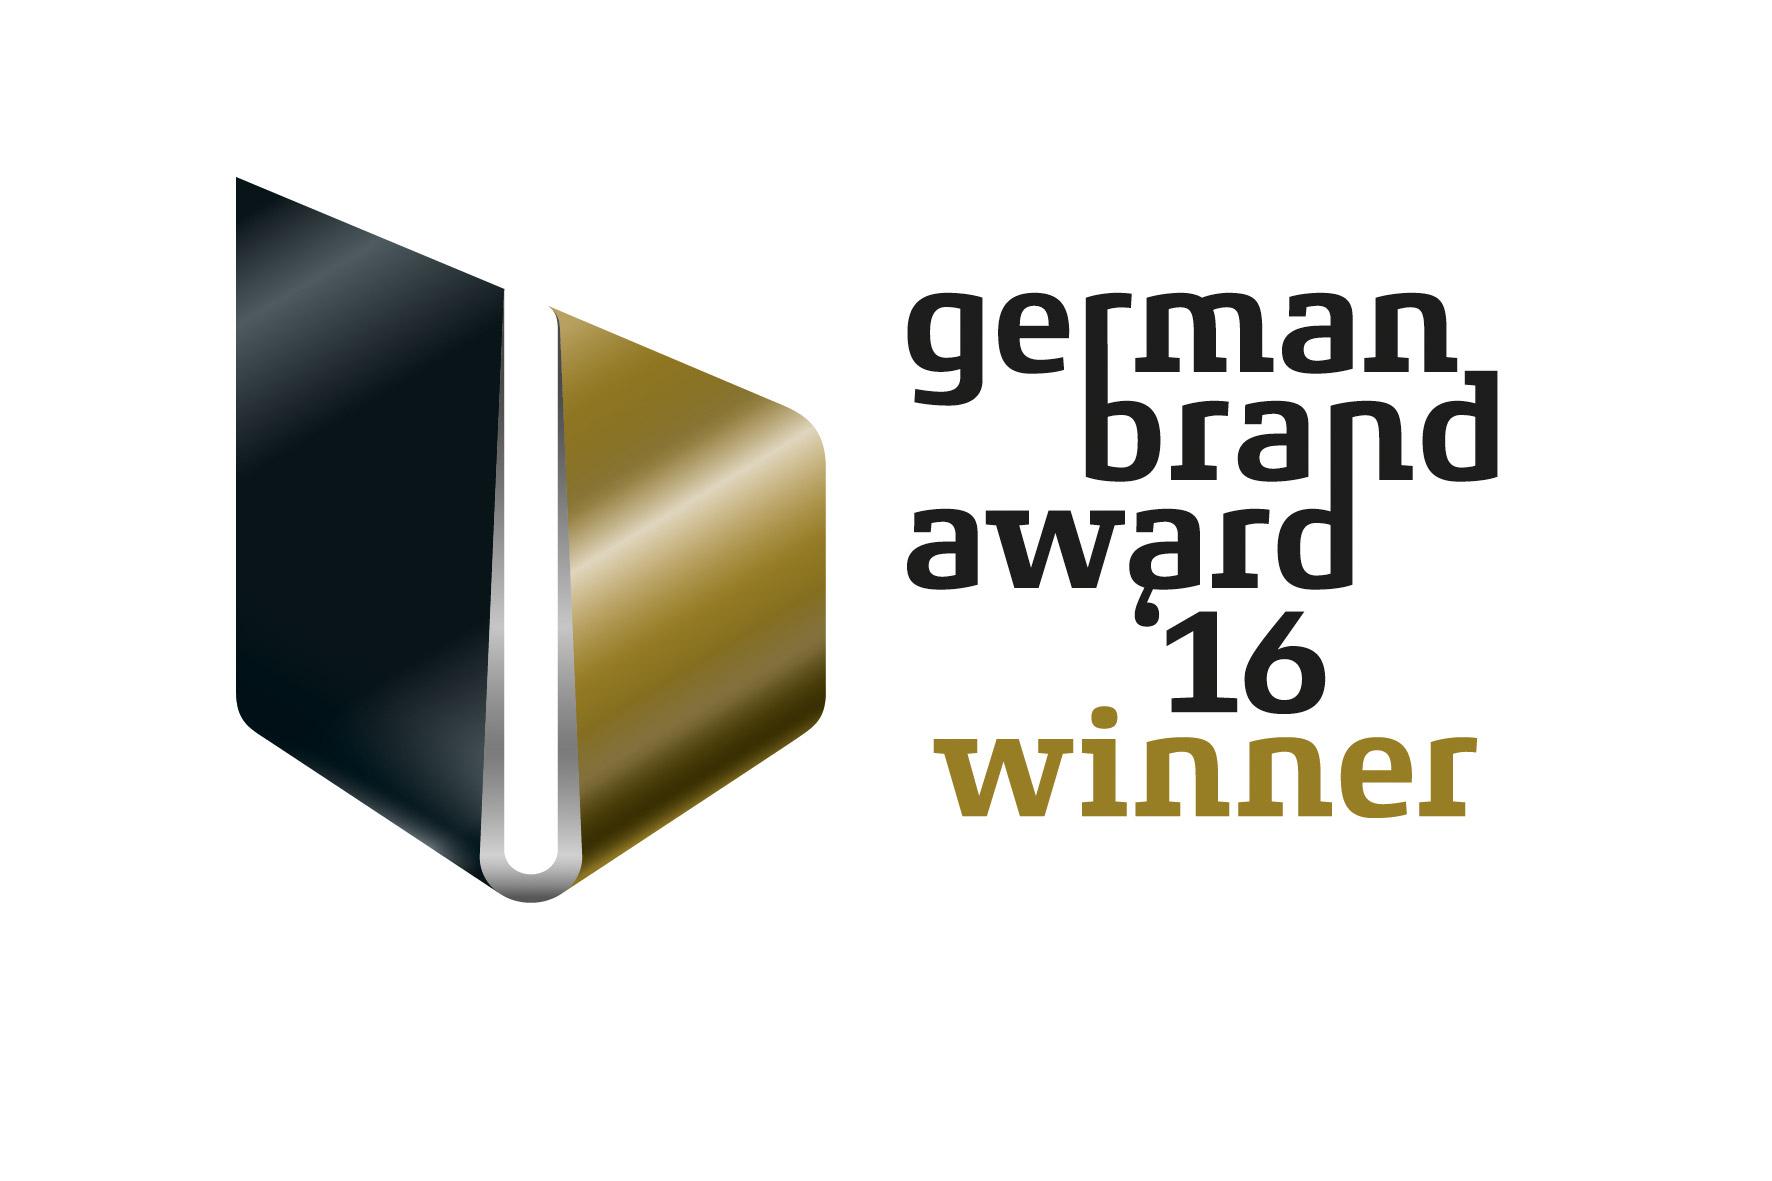 Brand award winner 2016